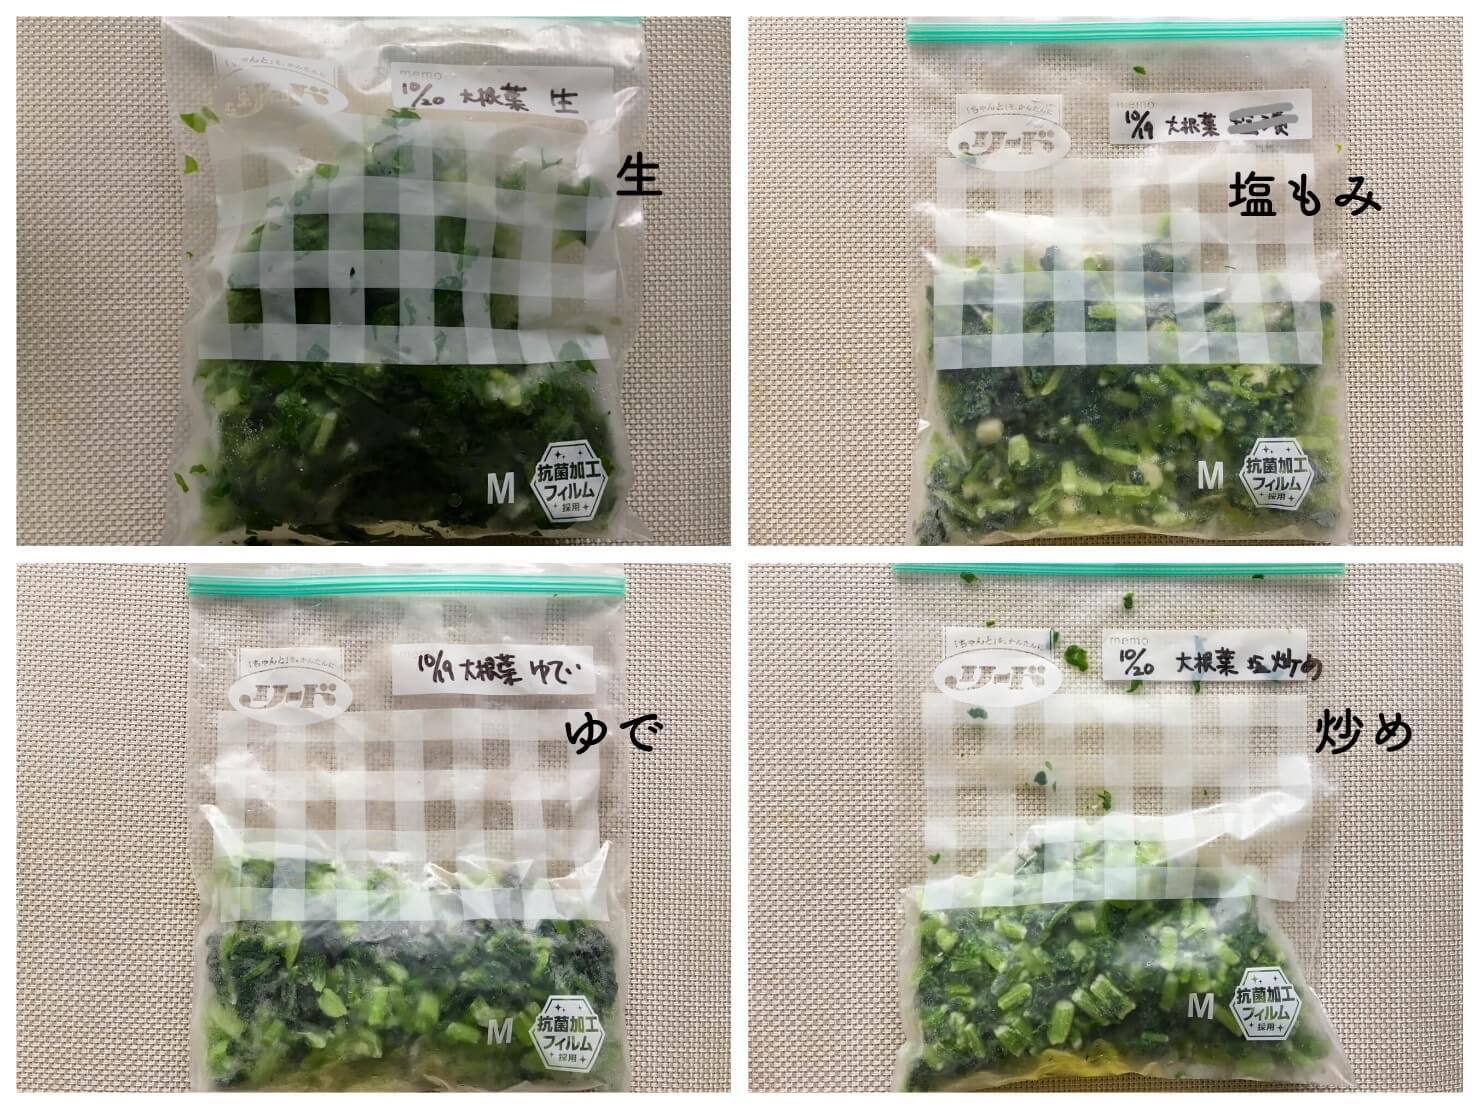 4つの冷凍法の大根葉の写真